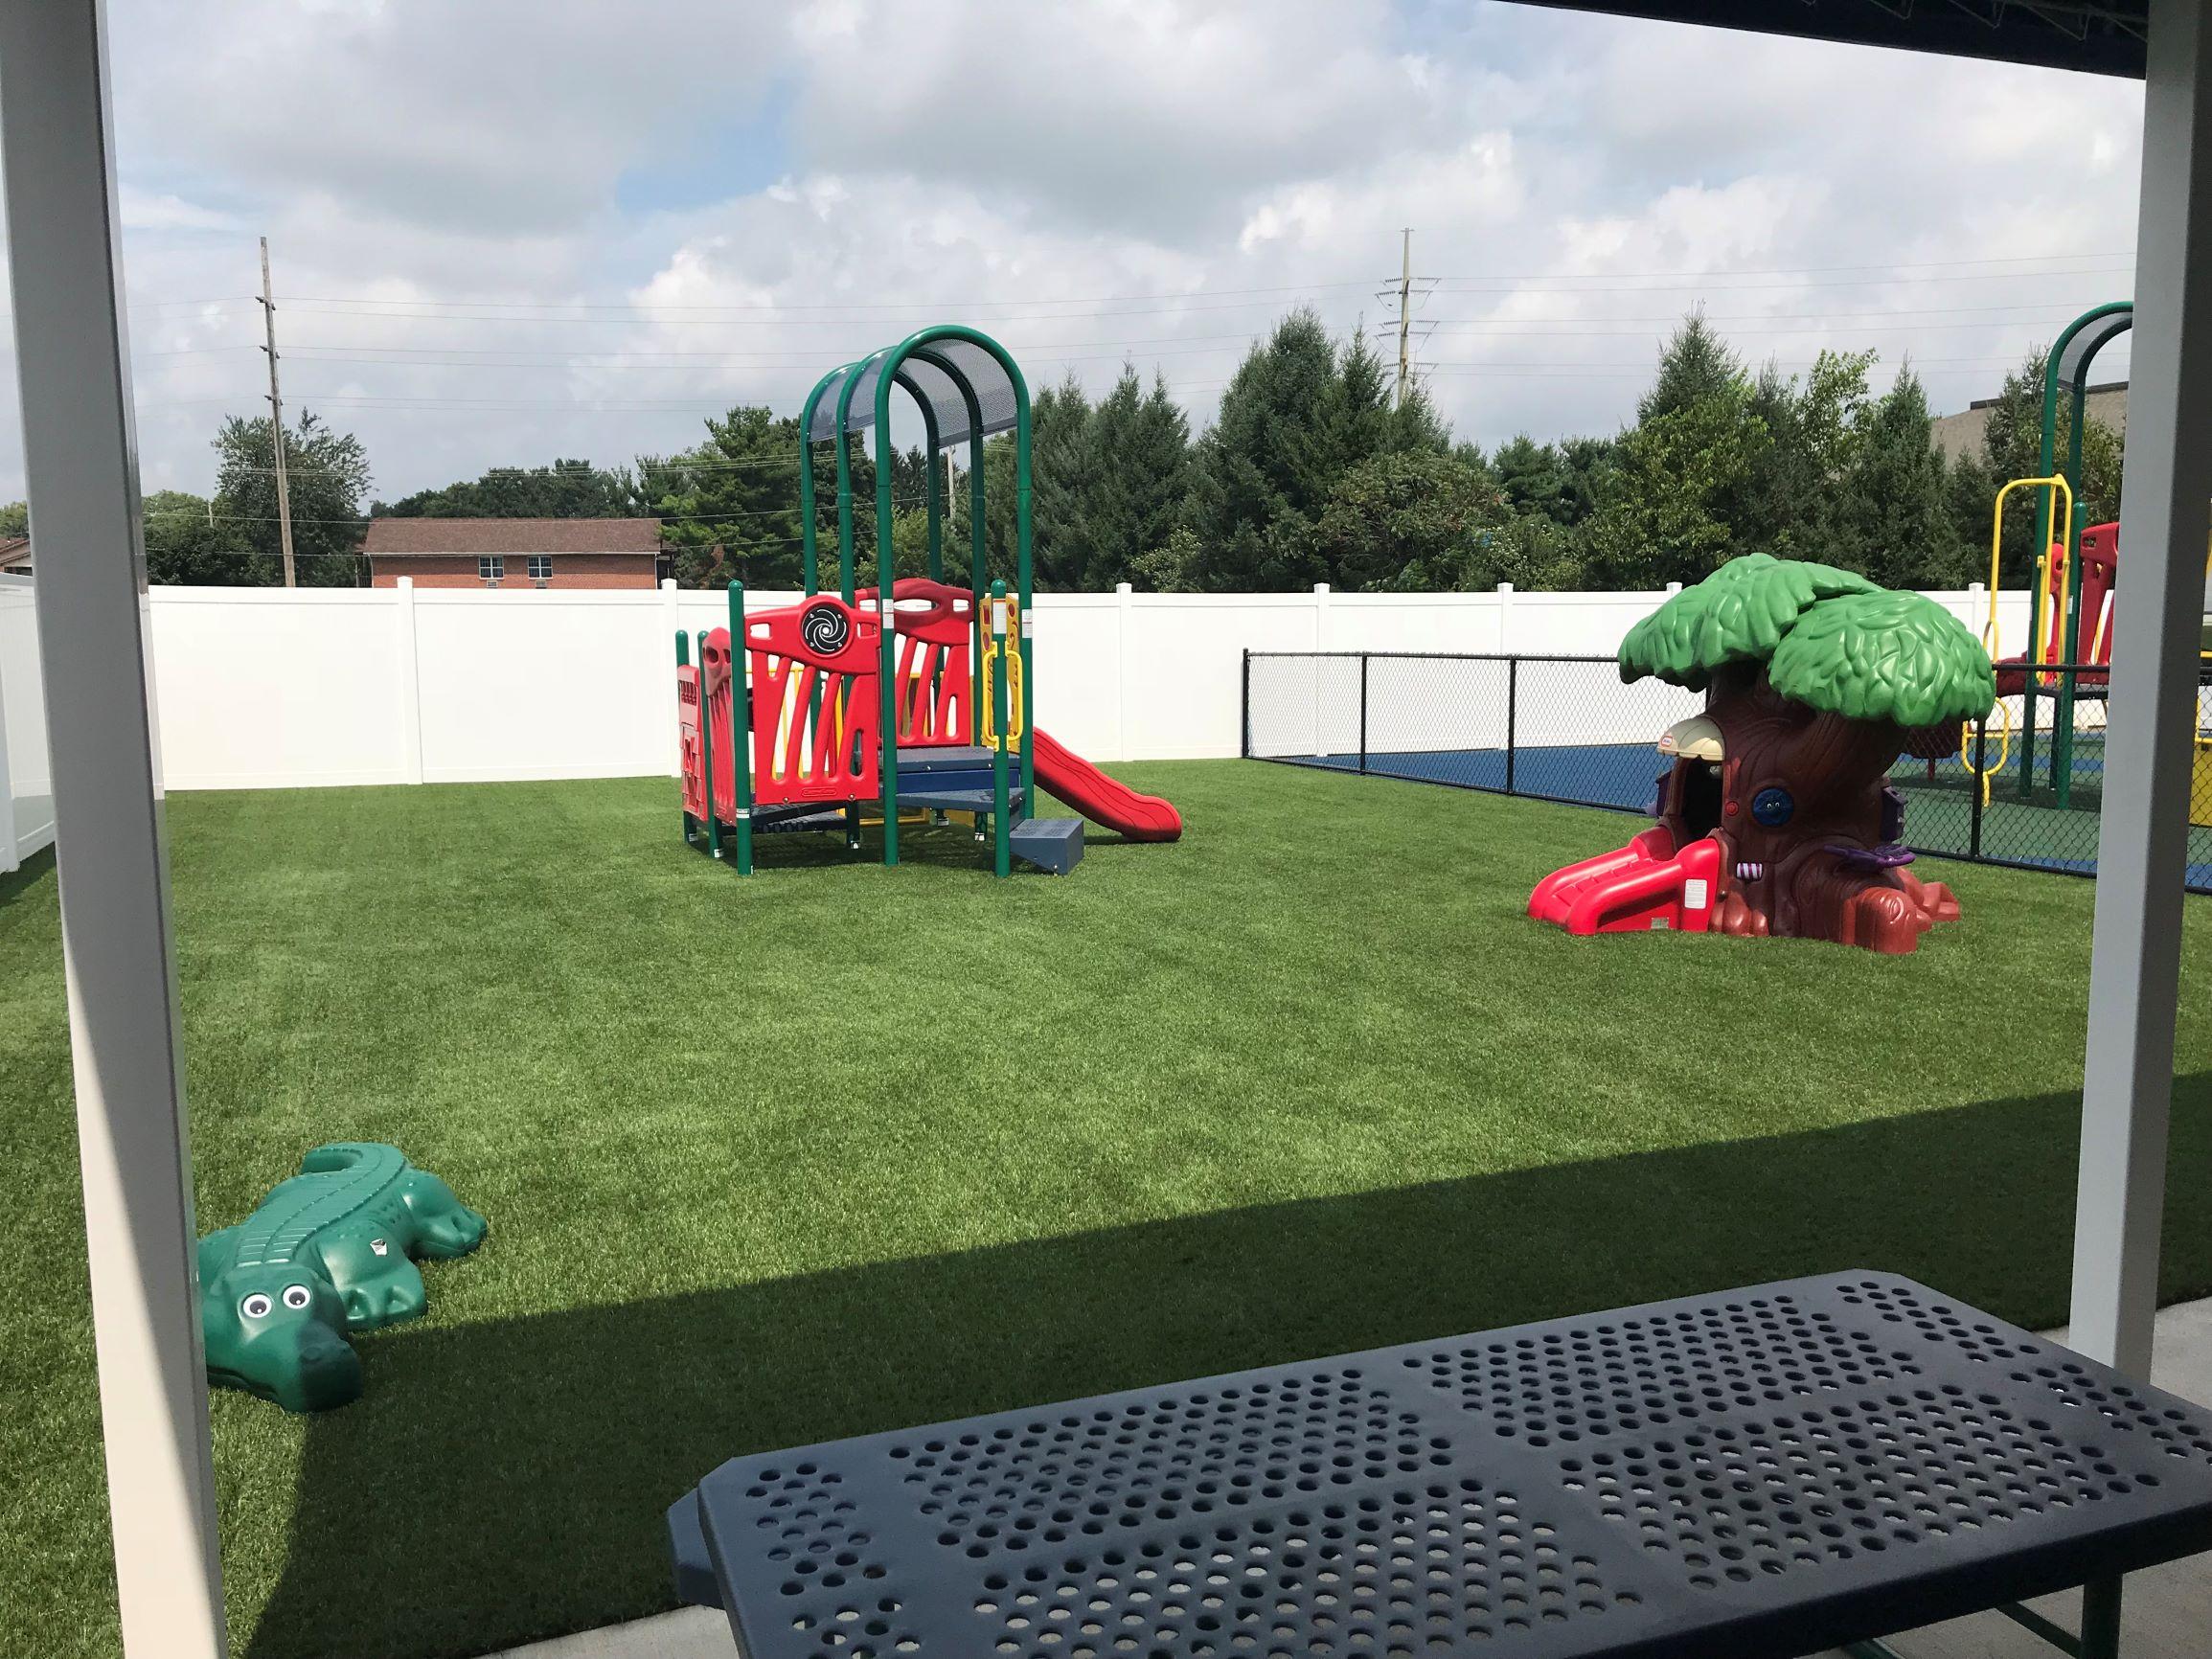 Playground_Yelp 2A.jpg